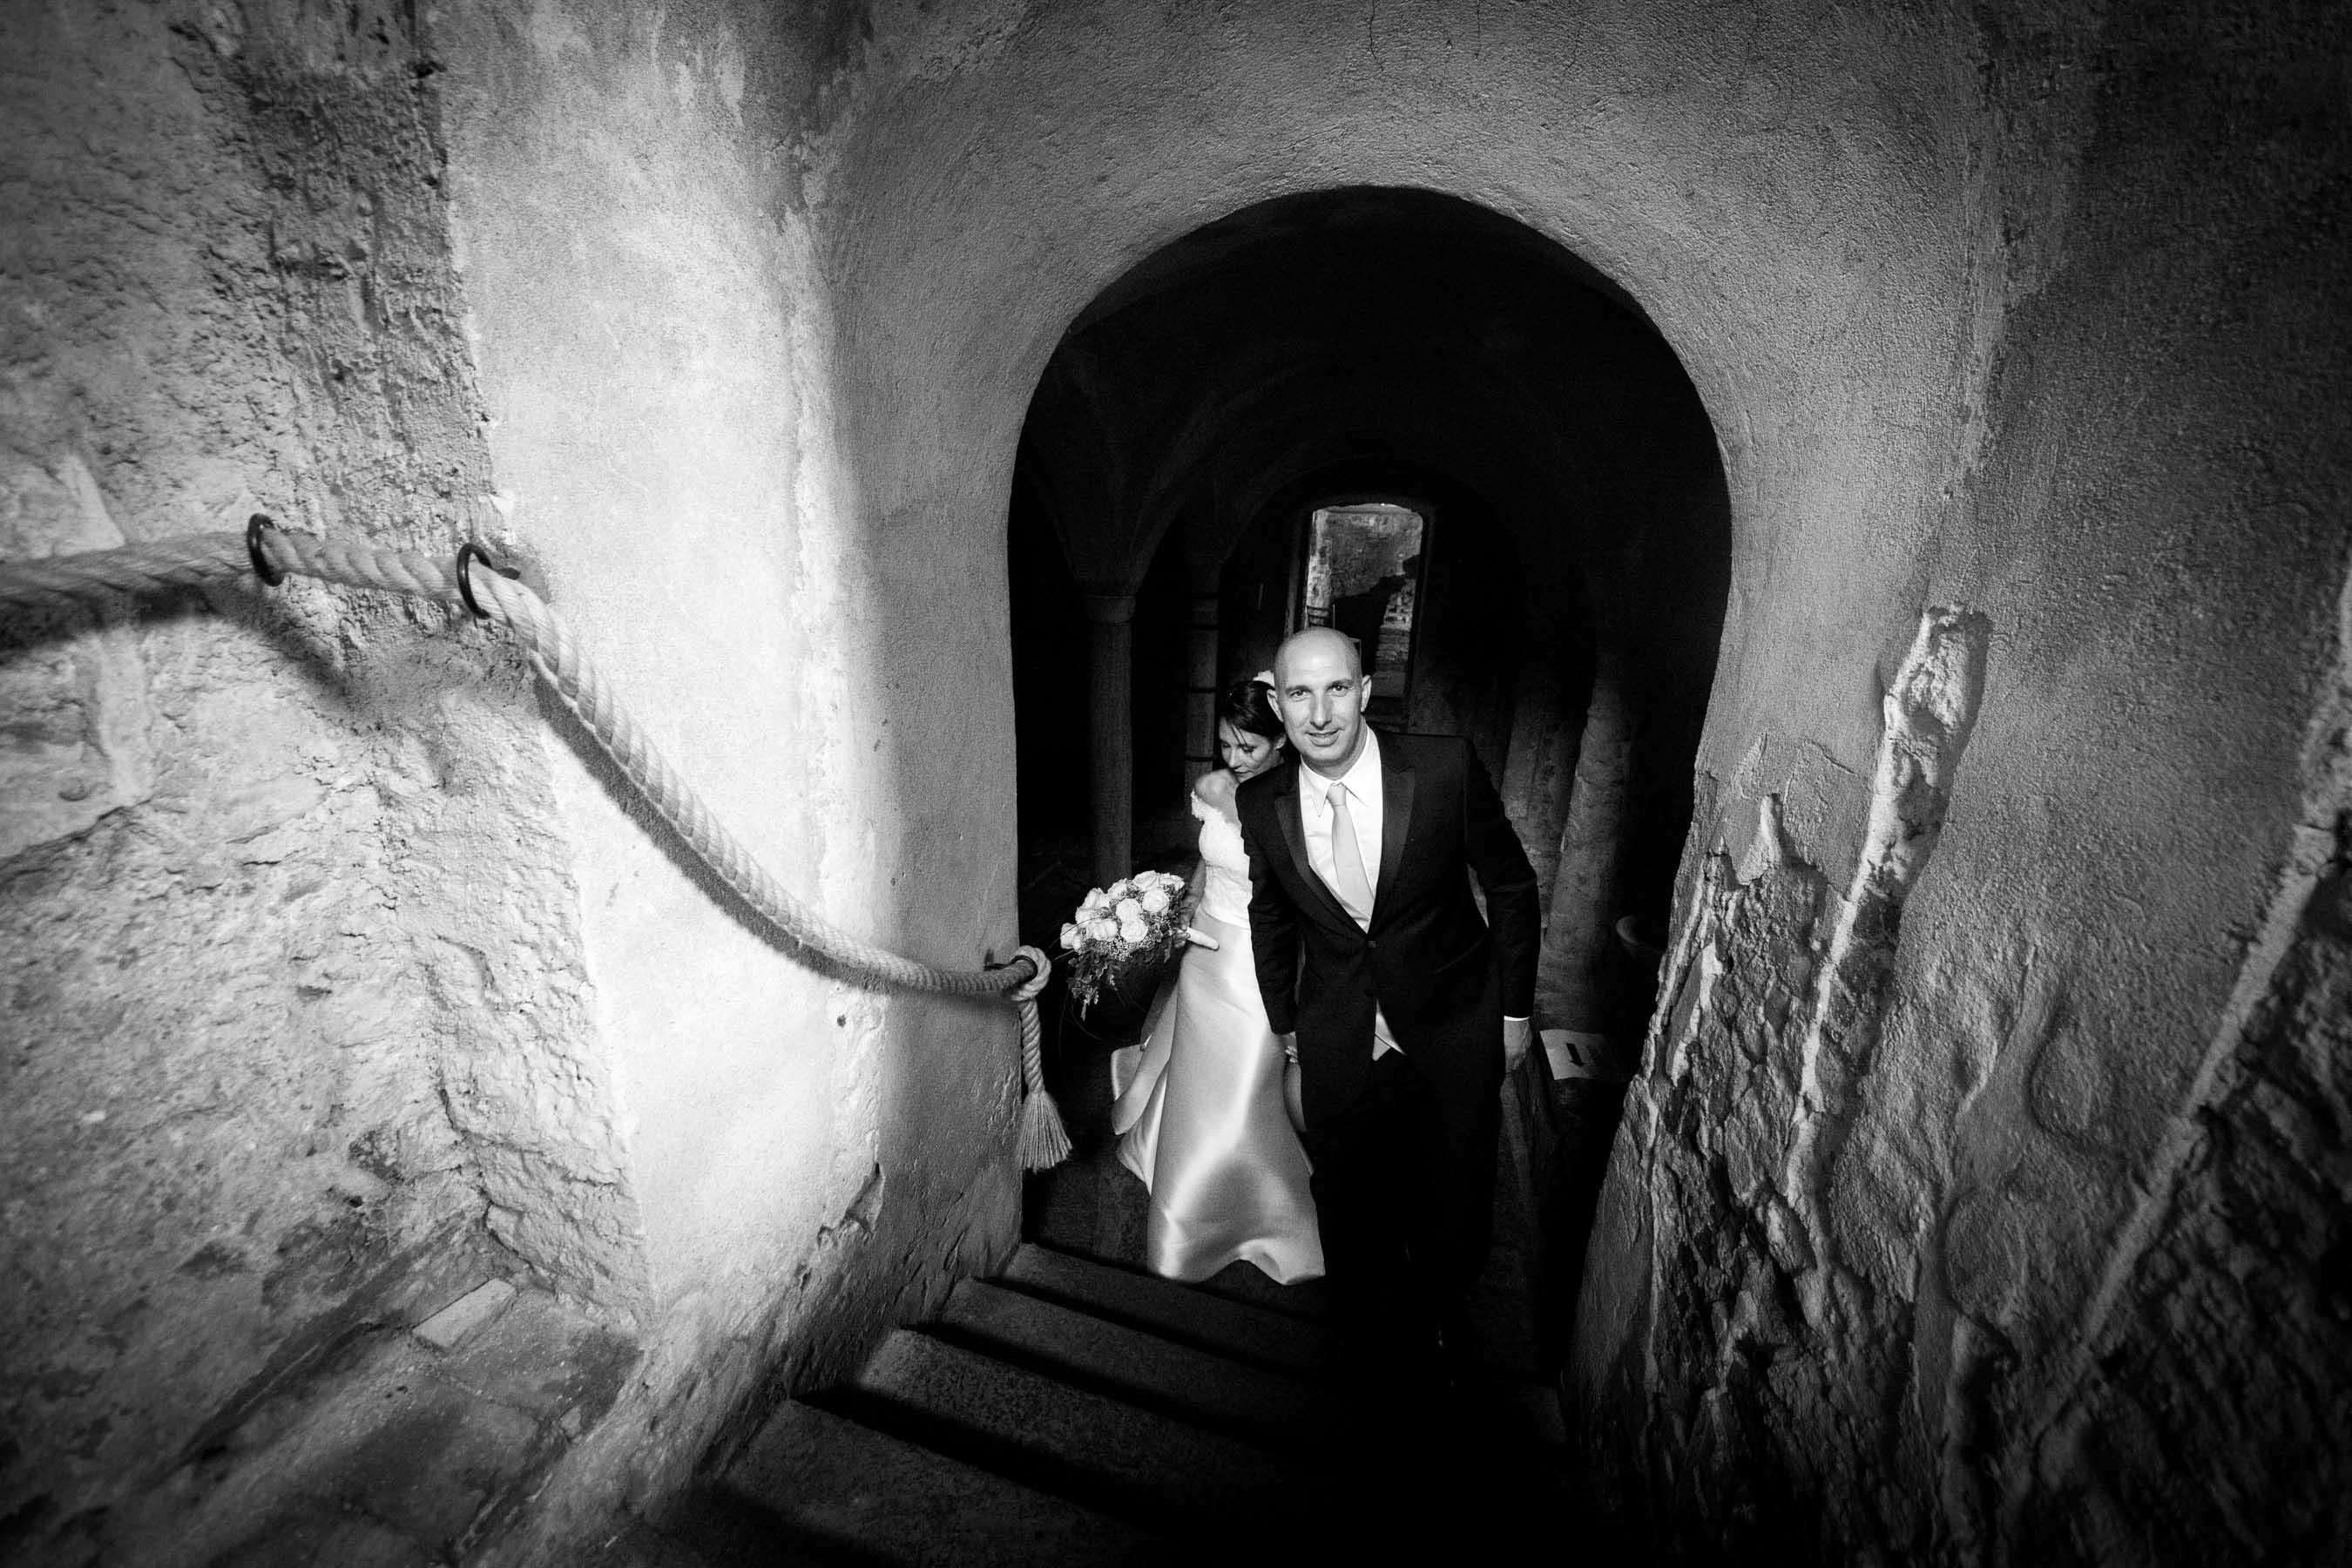 art foto_torino_monica sica photography_la vià _cavour_ fotografo matrimonio_torino-47